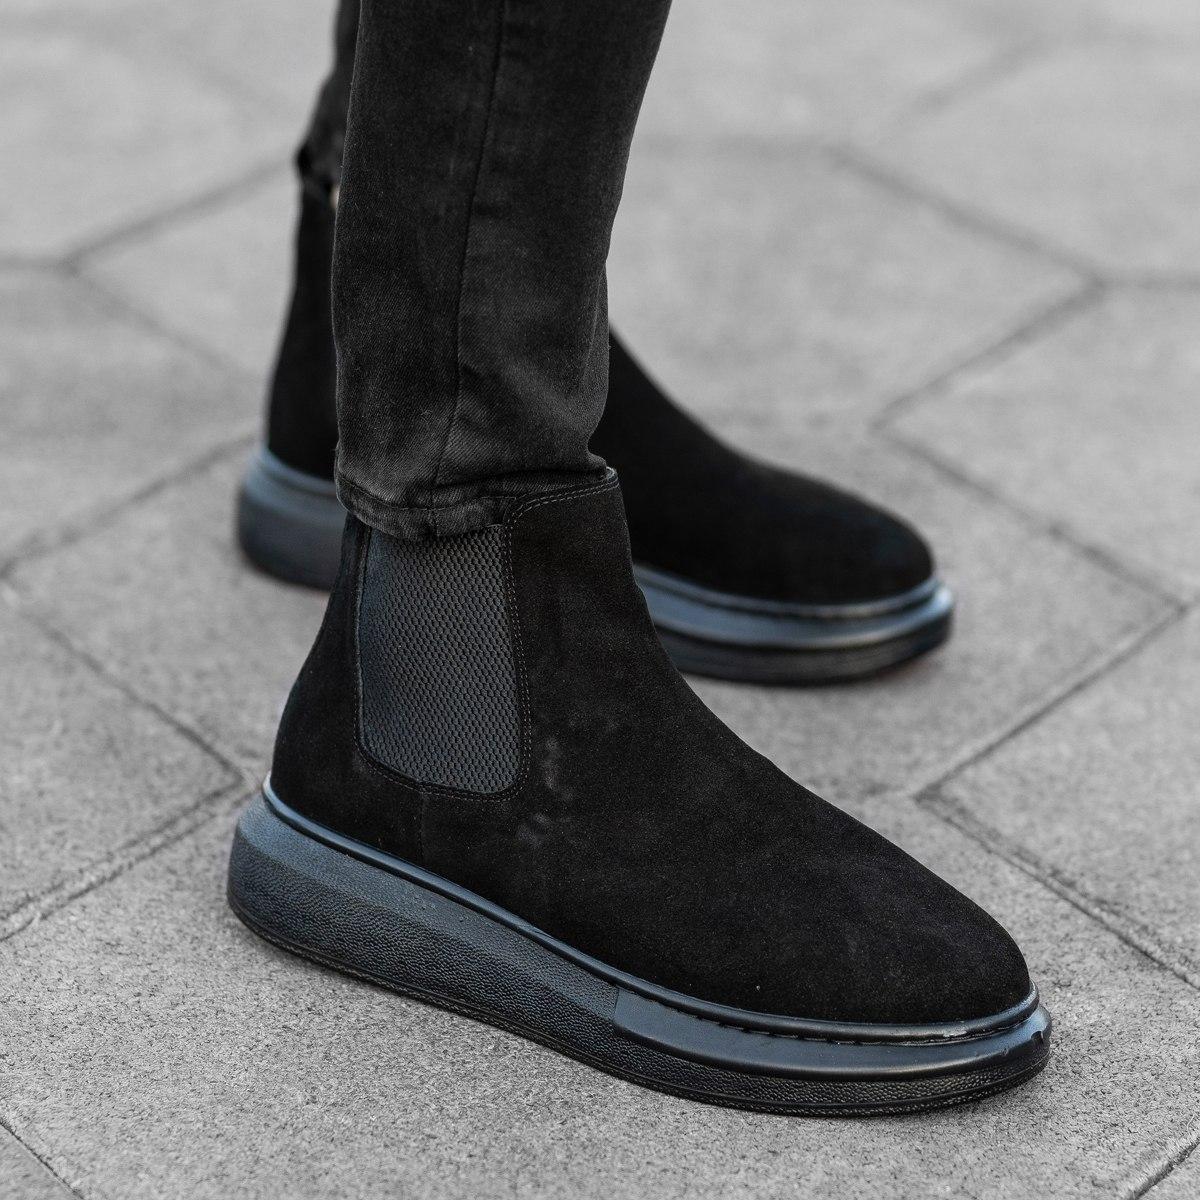 Herren Hype Sole Chelsea Boots Stiefel aus echtem Wildleder in schwarz Mv Premium Brand - 1